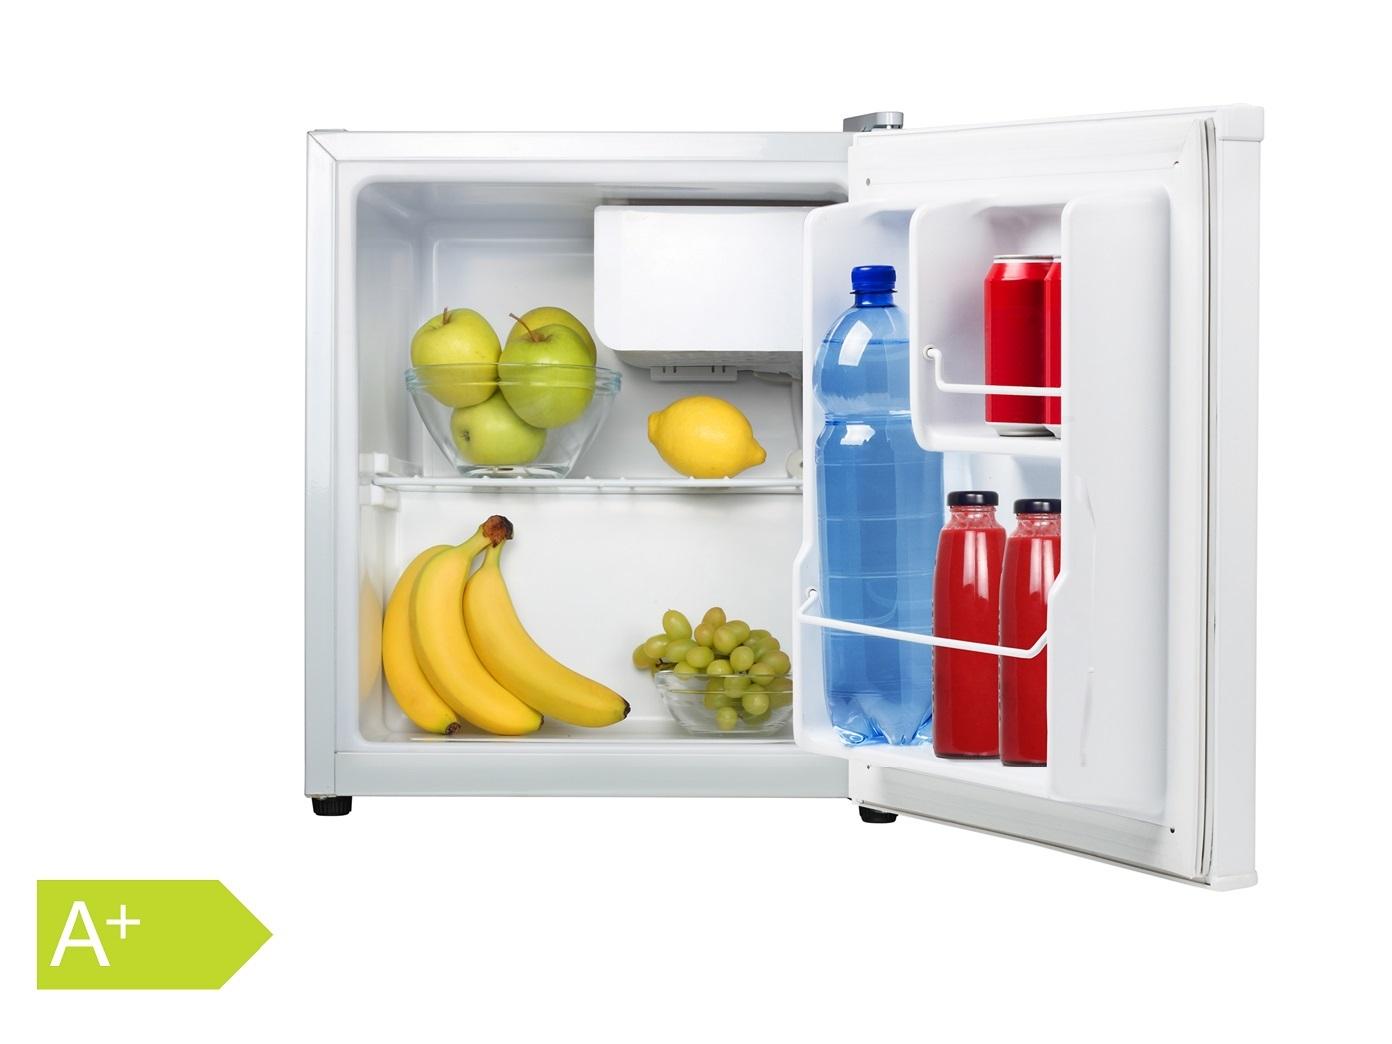 Red Bull Mini Kühlschrank Neu Kaufen : Kleiner kühlschrank kaufen kühlschränke gefrierschränke günstig